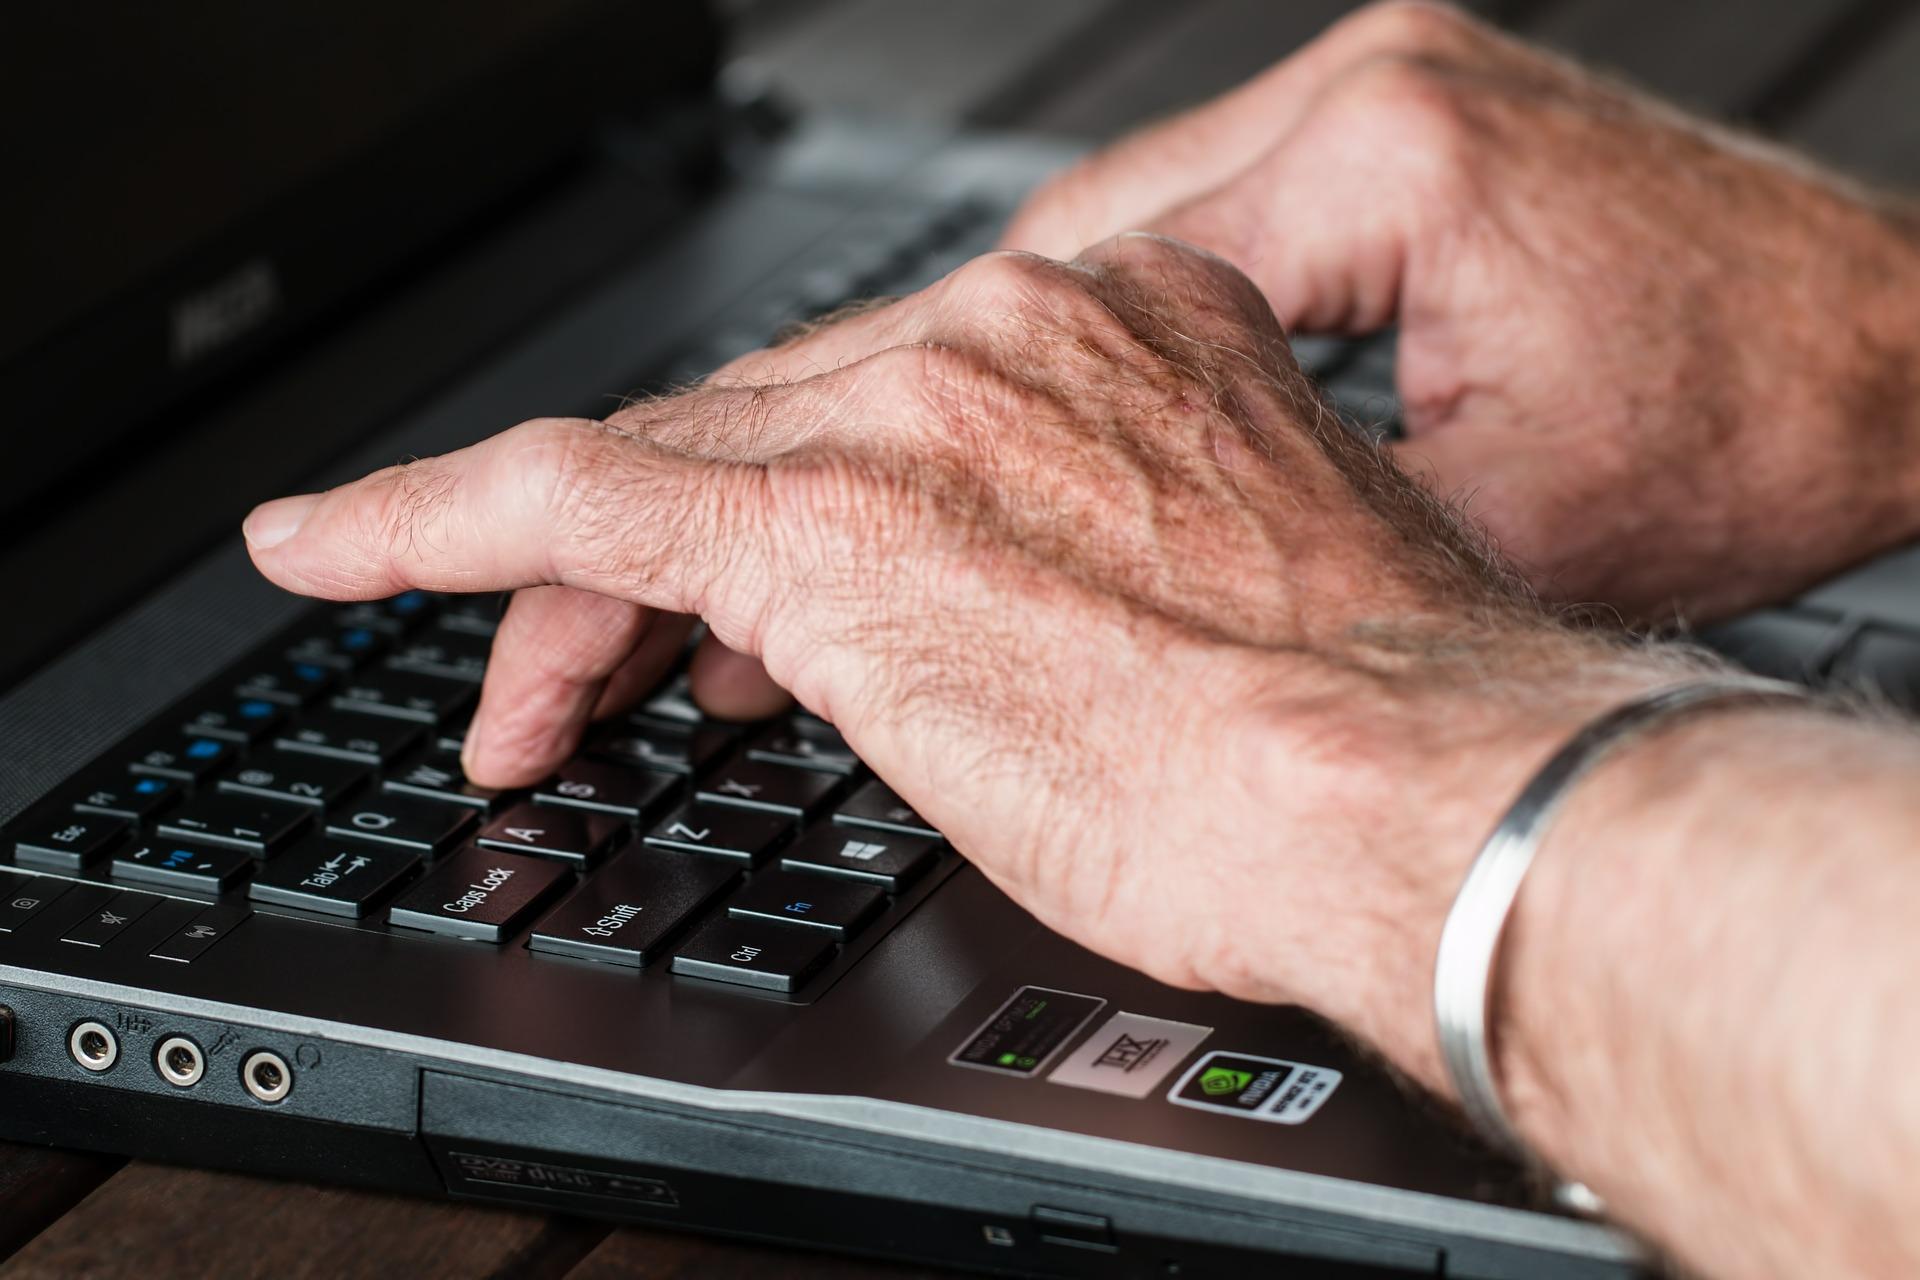 091018 - Banking for Seniors